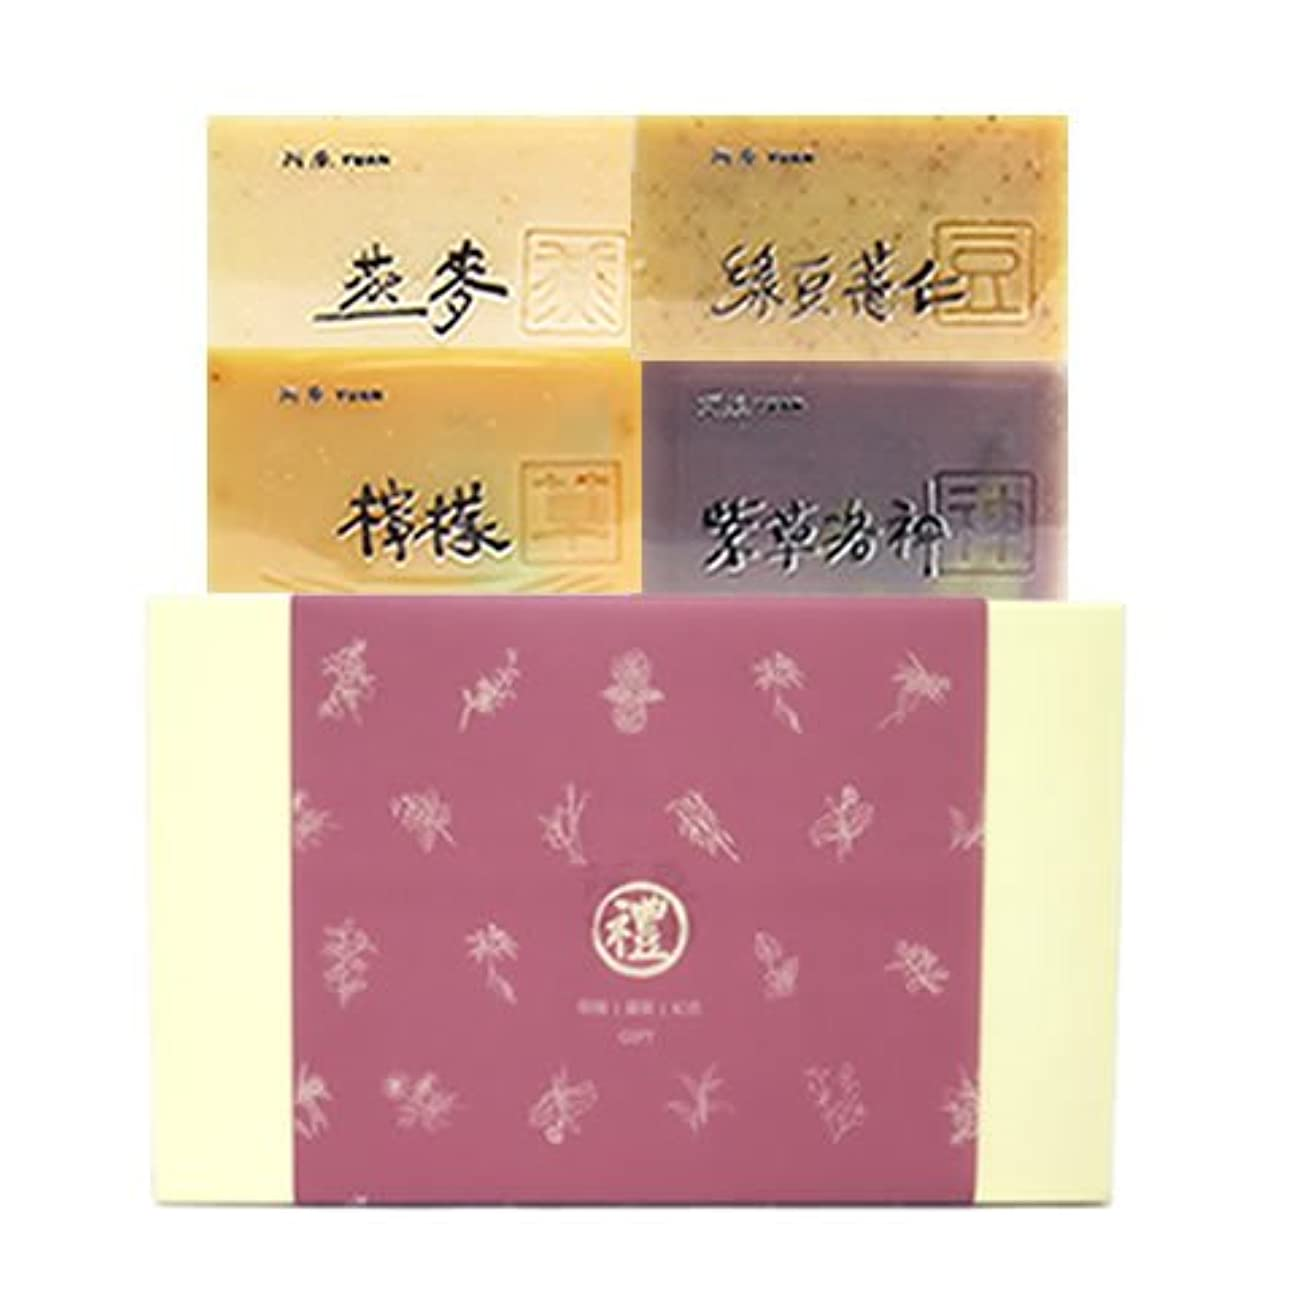 おめでとう人抜本的なユアン(YUAN) 美人ギフトセット ハトムギ、ハイビスカス、オートミール、レモンソープ(各100g)(阿原 石けん 台湾コスメ)